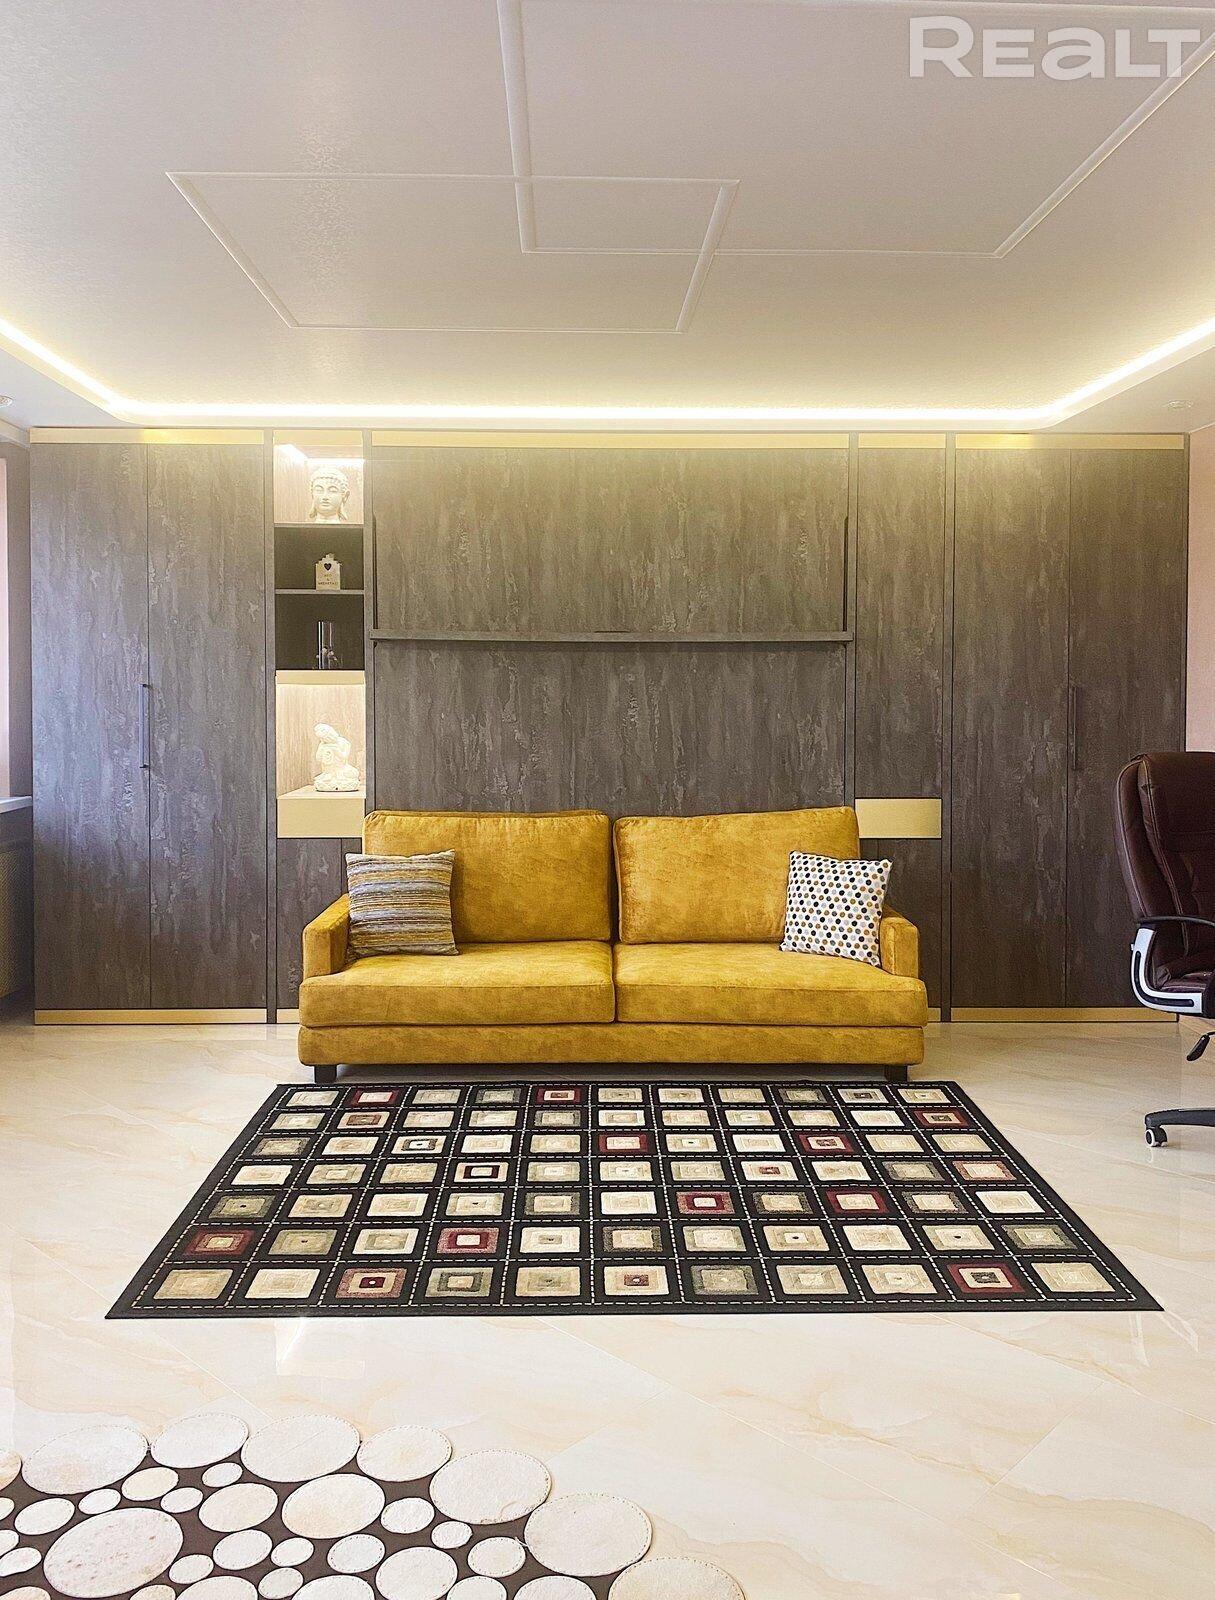 Продается квартира студия в центре Минска с отличным ремонтом!